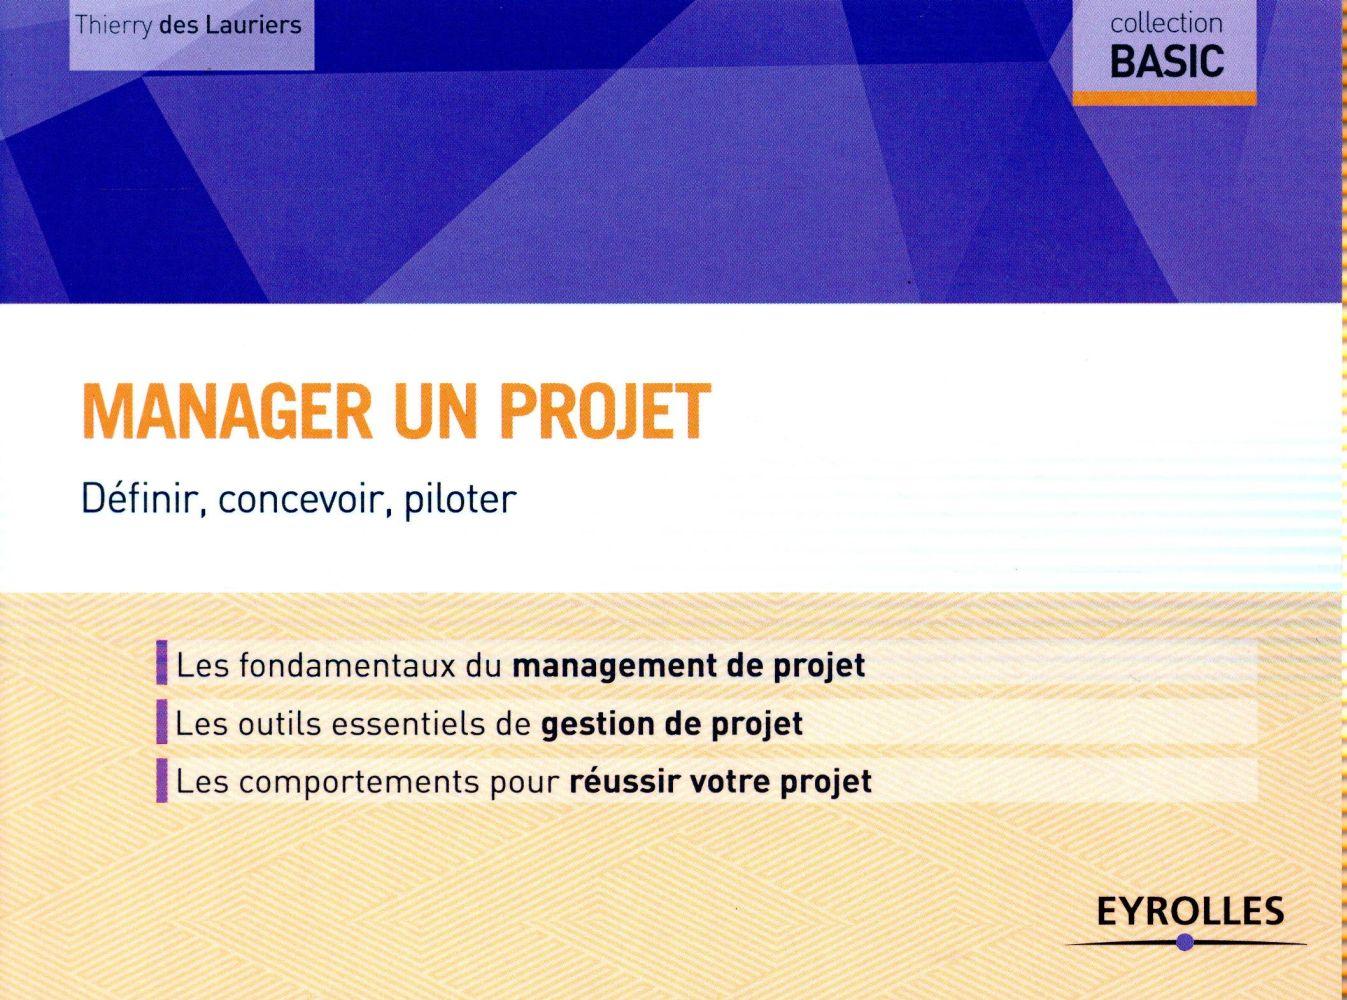 MANAGER UN PROJET  -  DEFINIR, CONCEVOIR, PILOTER Des Lauriers Thierry Eyrolles